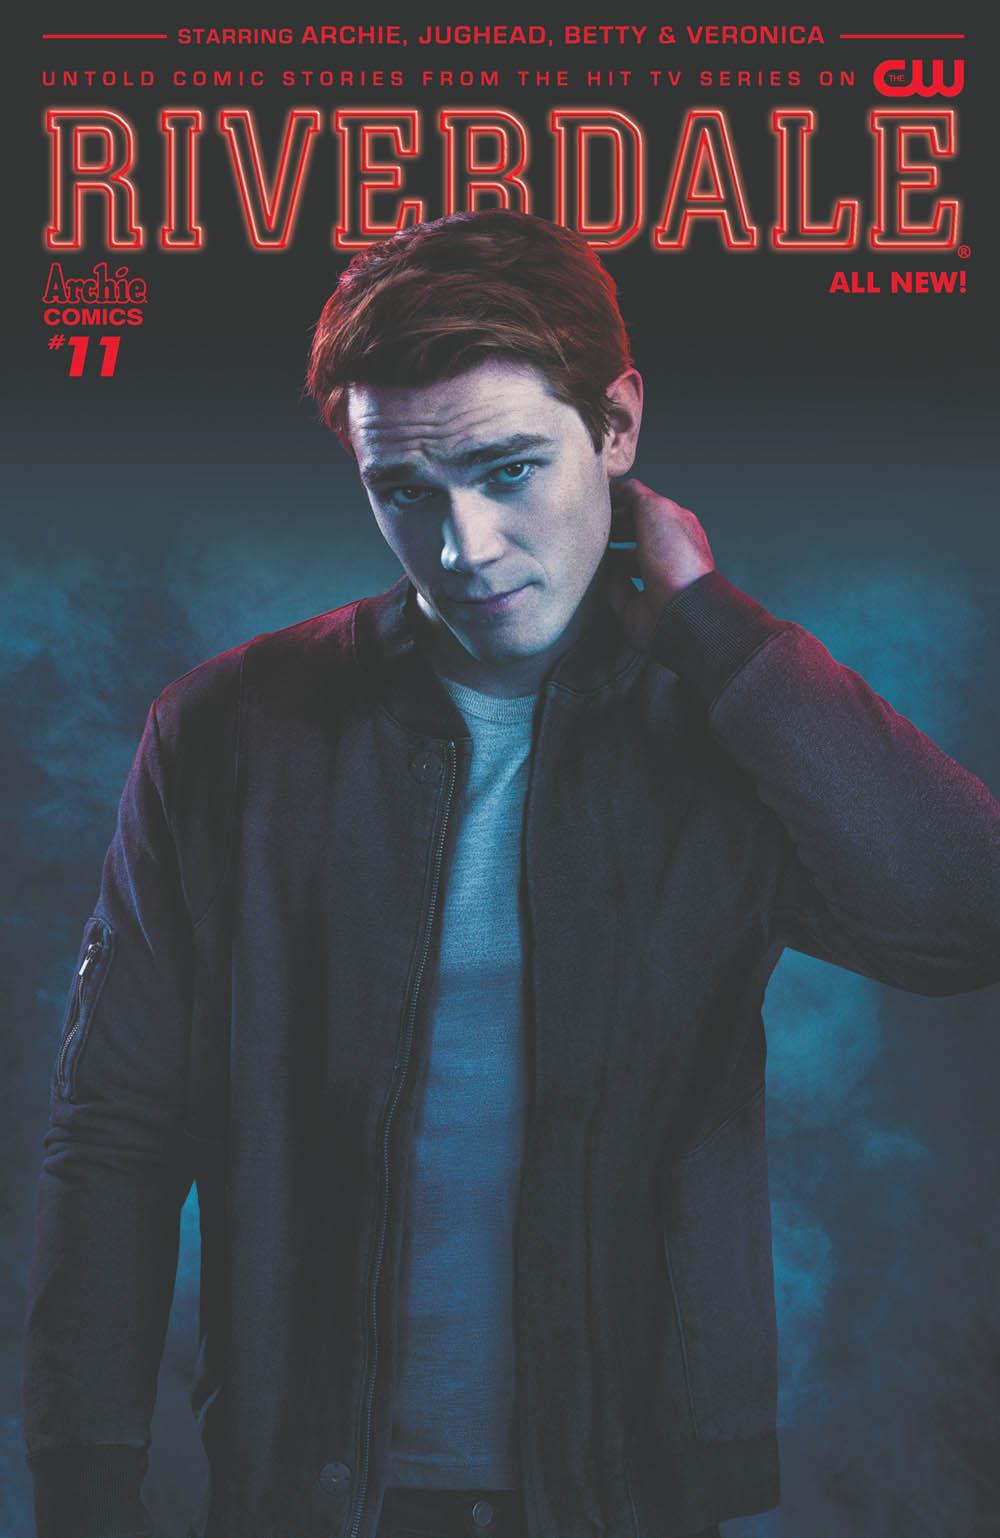 Riverdale Archie